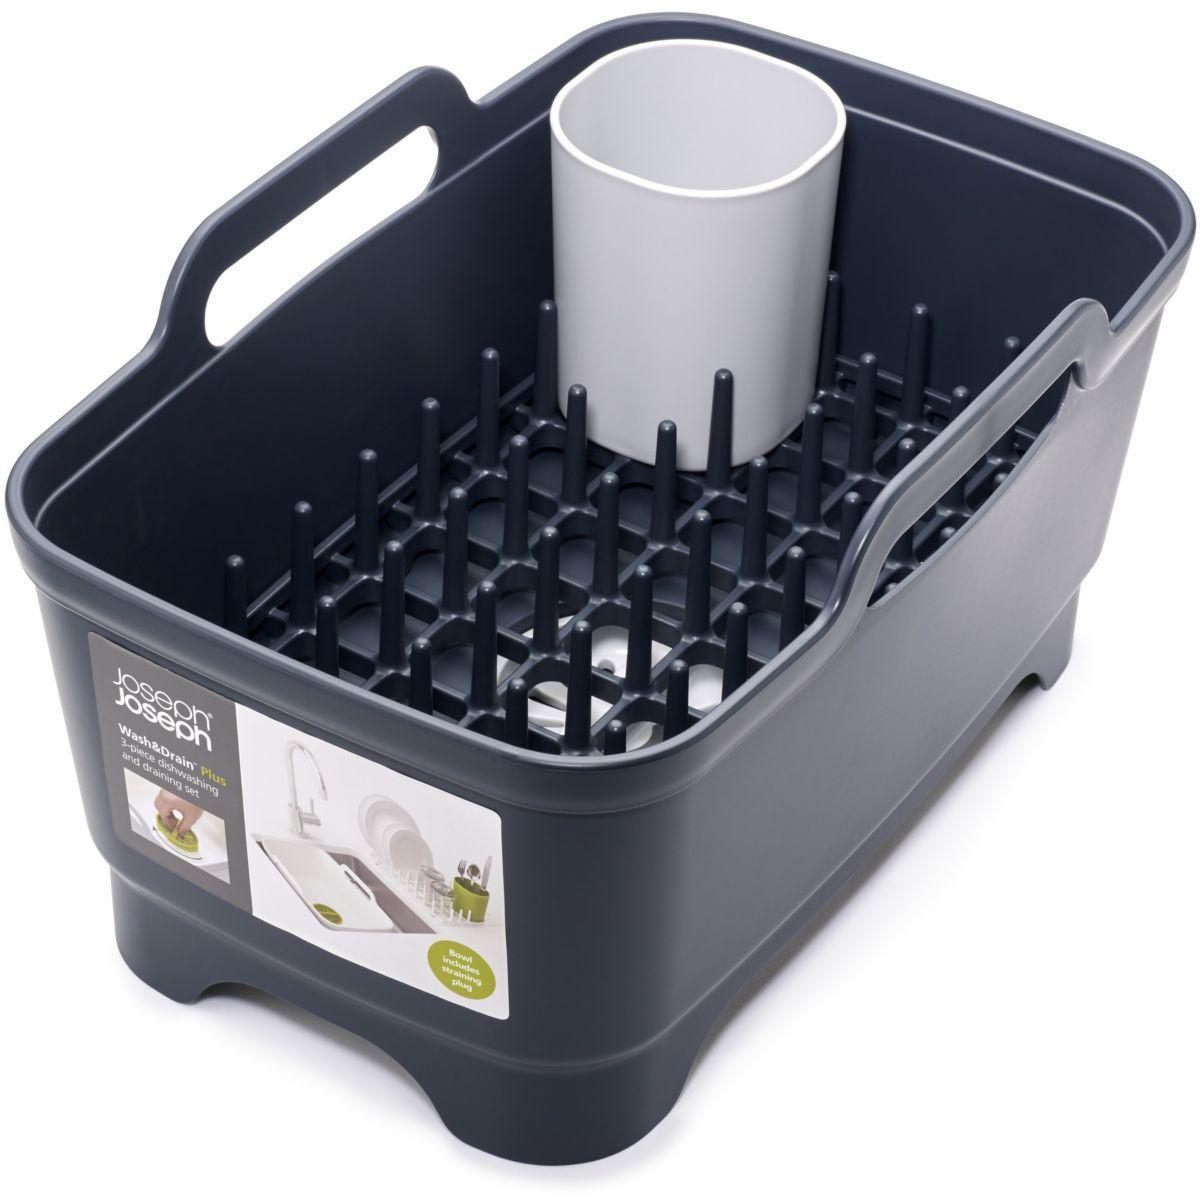 Bassine � vaisselle joseph joseph � vaisselle wash&drain plus gris/gris - 10% de remise imm�diate avec le code : deal10 (photo)